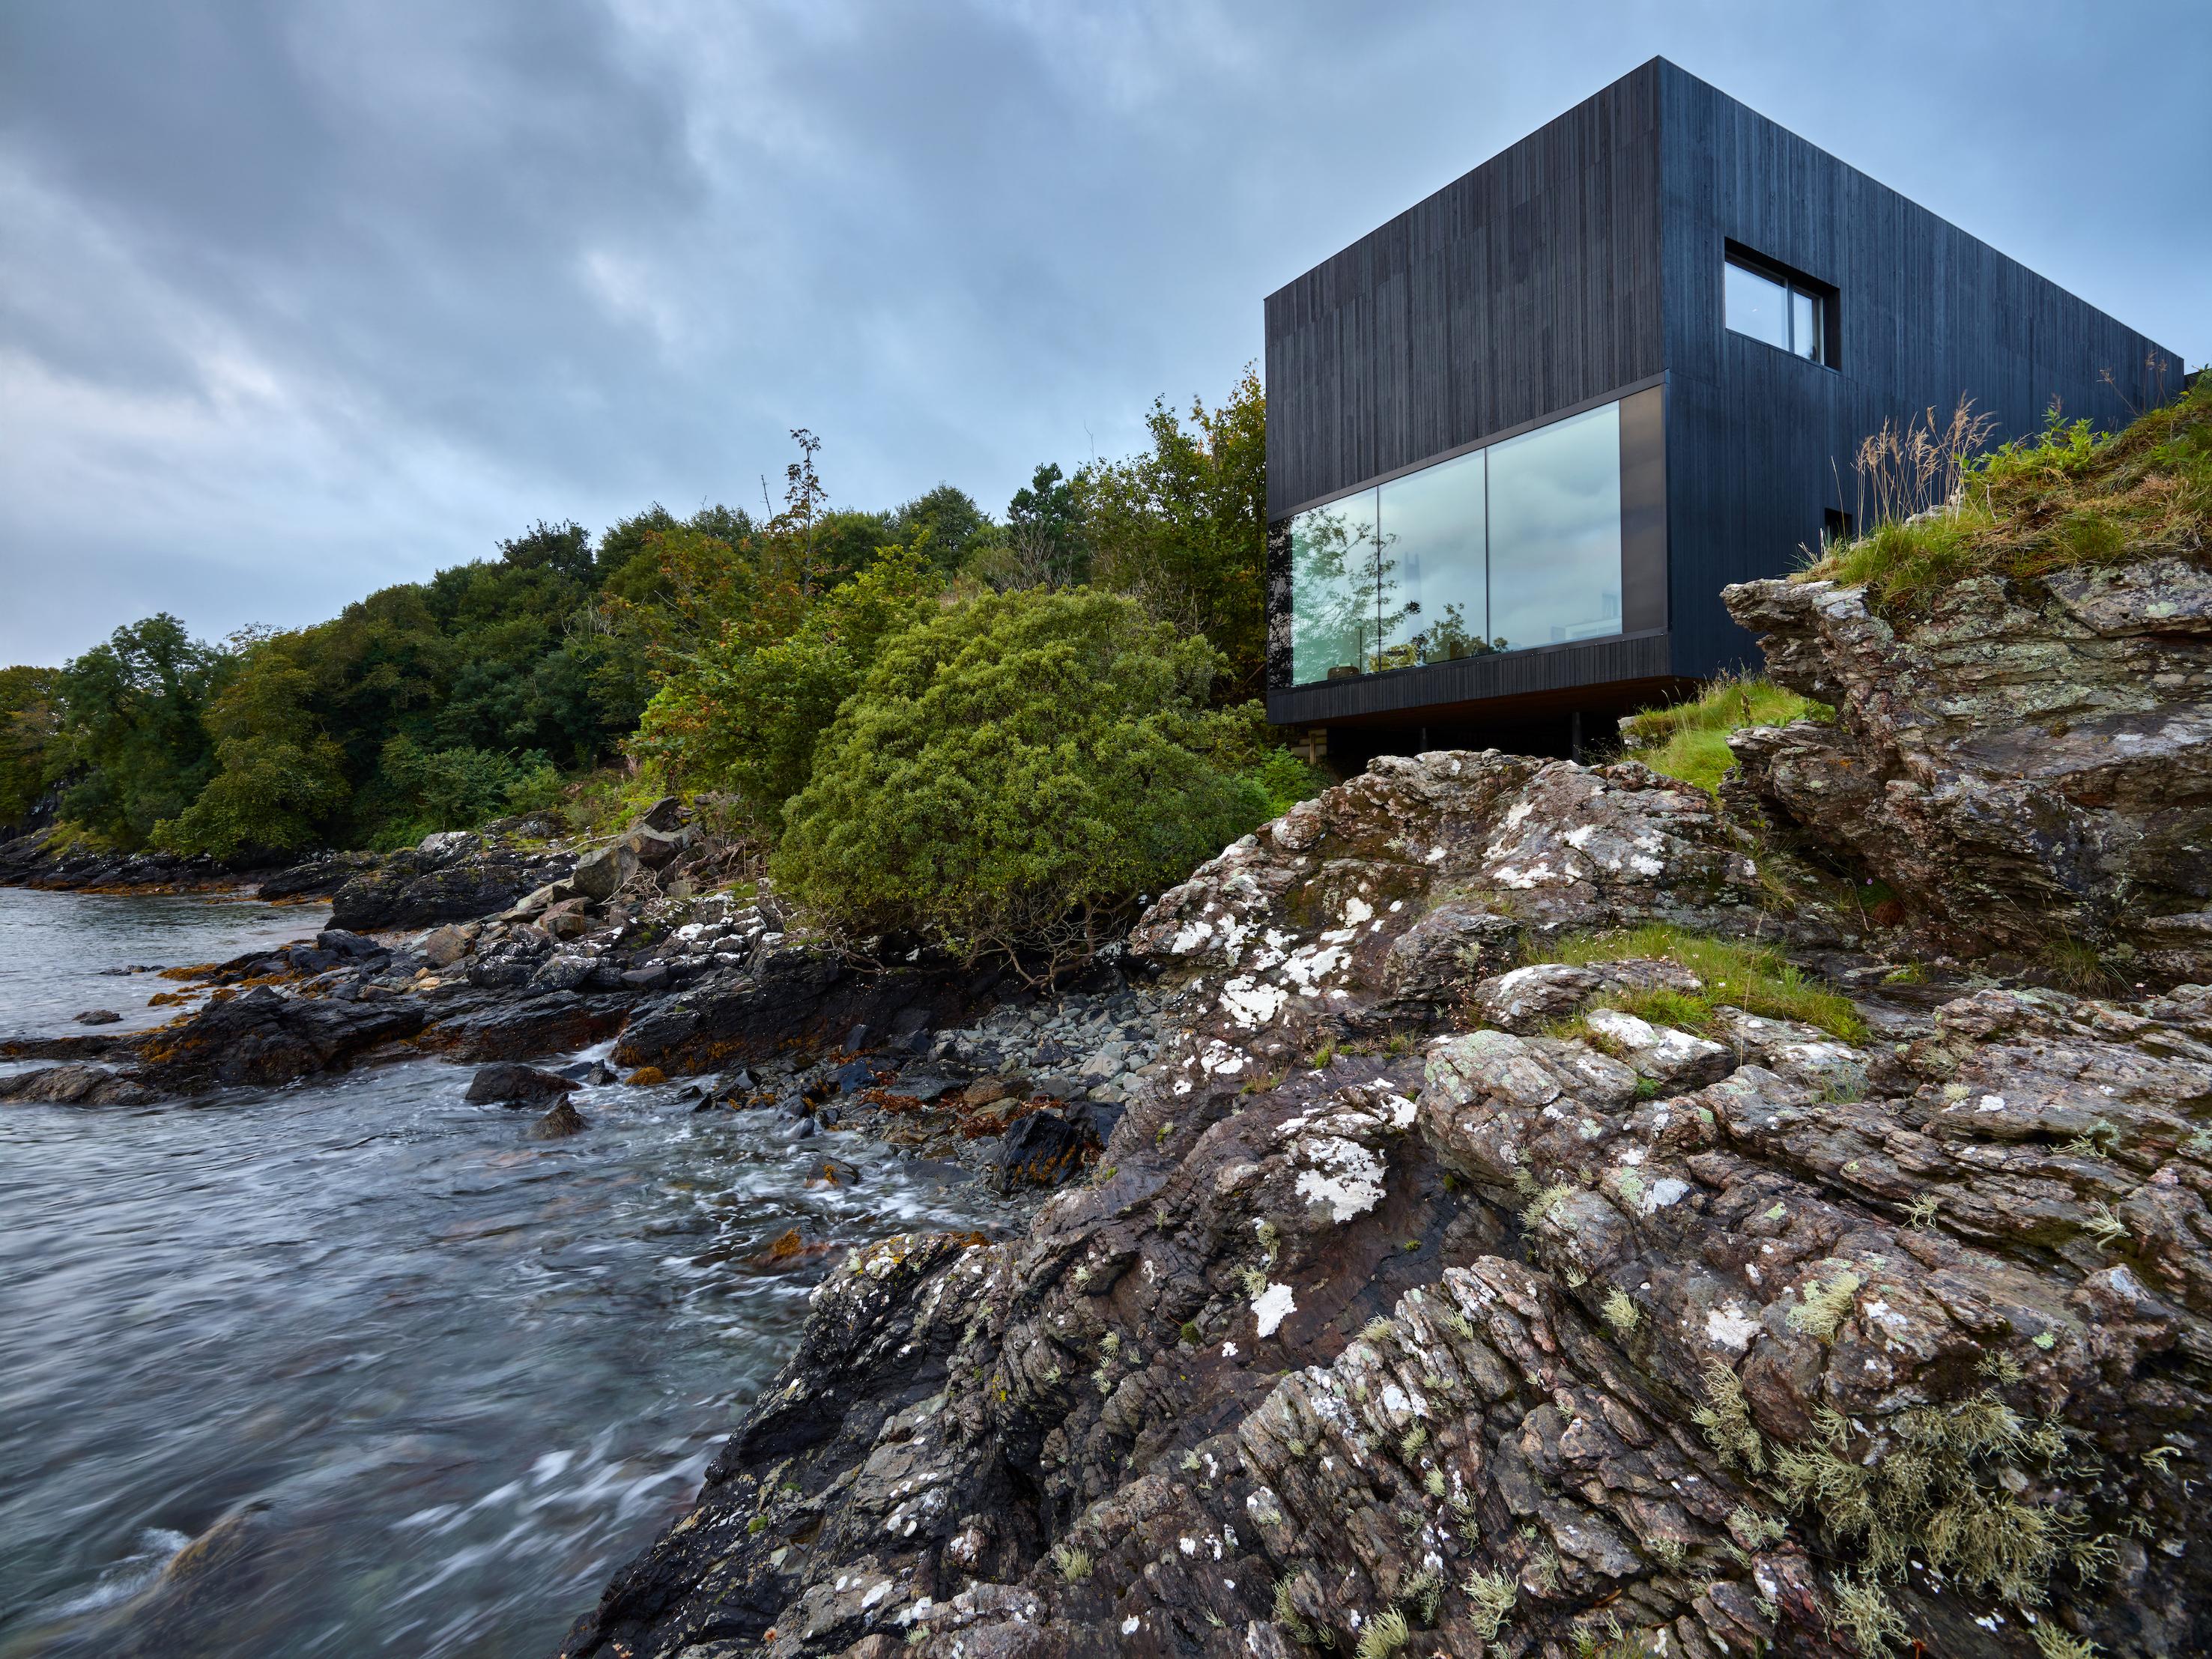 COMUNICATO STAMPA Bagno urban style per The Black House sull'Isola di Skye firmato Ceramiche Keope.